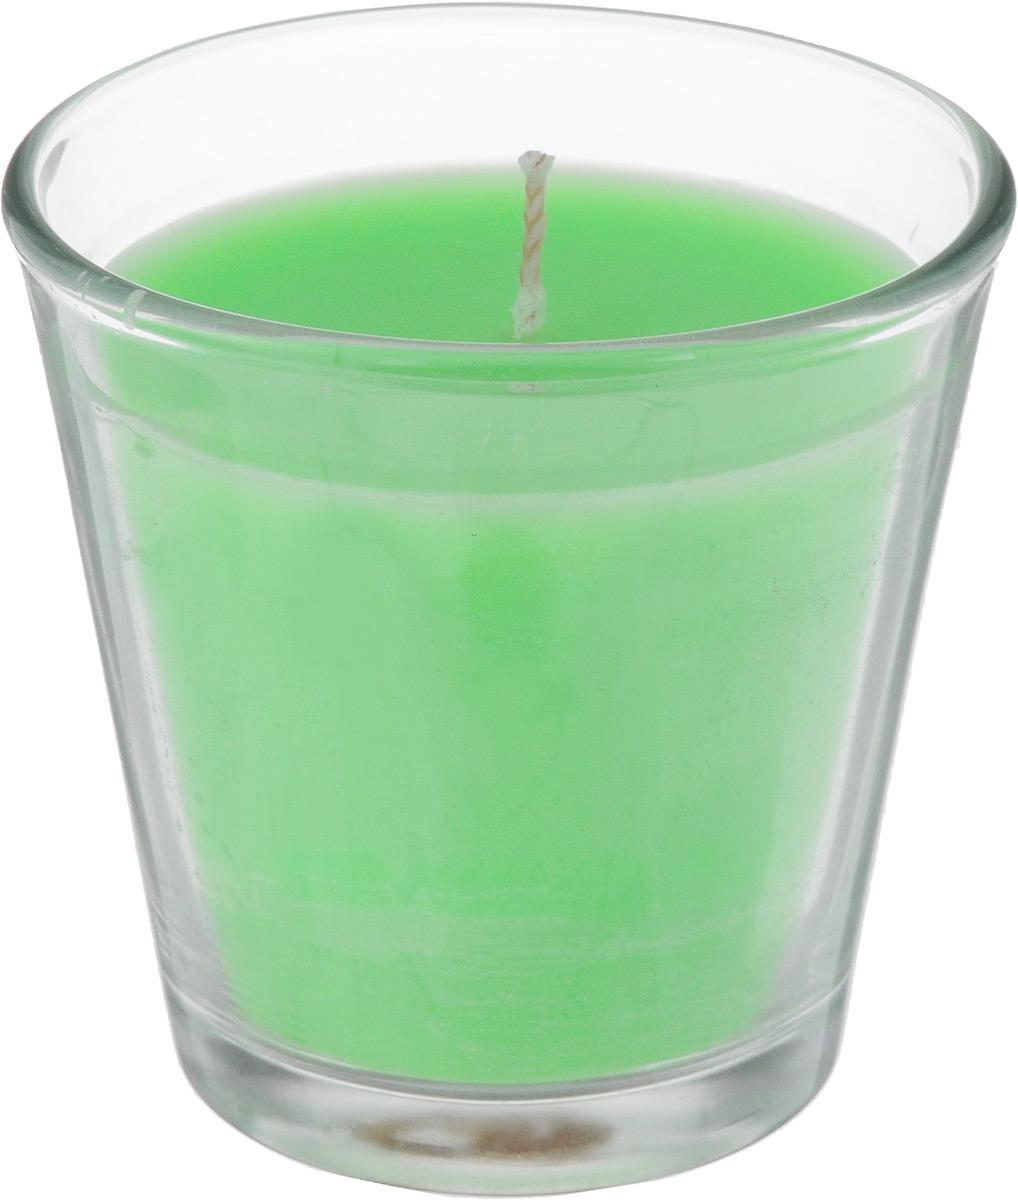 Свеча ароматическая Омский cвечной завод Яблоко, высота 6,5 см103600350944Ароматизированная свеча Омский cвечной завод Яблоко, изготовленная из парафина, воска и хлопка, поставляется в стеклянном подсвечнике в виде стакана. Изделие отличается оригинальным дизайном и приятным ароматом. Такая свеча может стать отличным подарком или дополнить интерьер вашей комнаты.